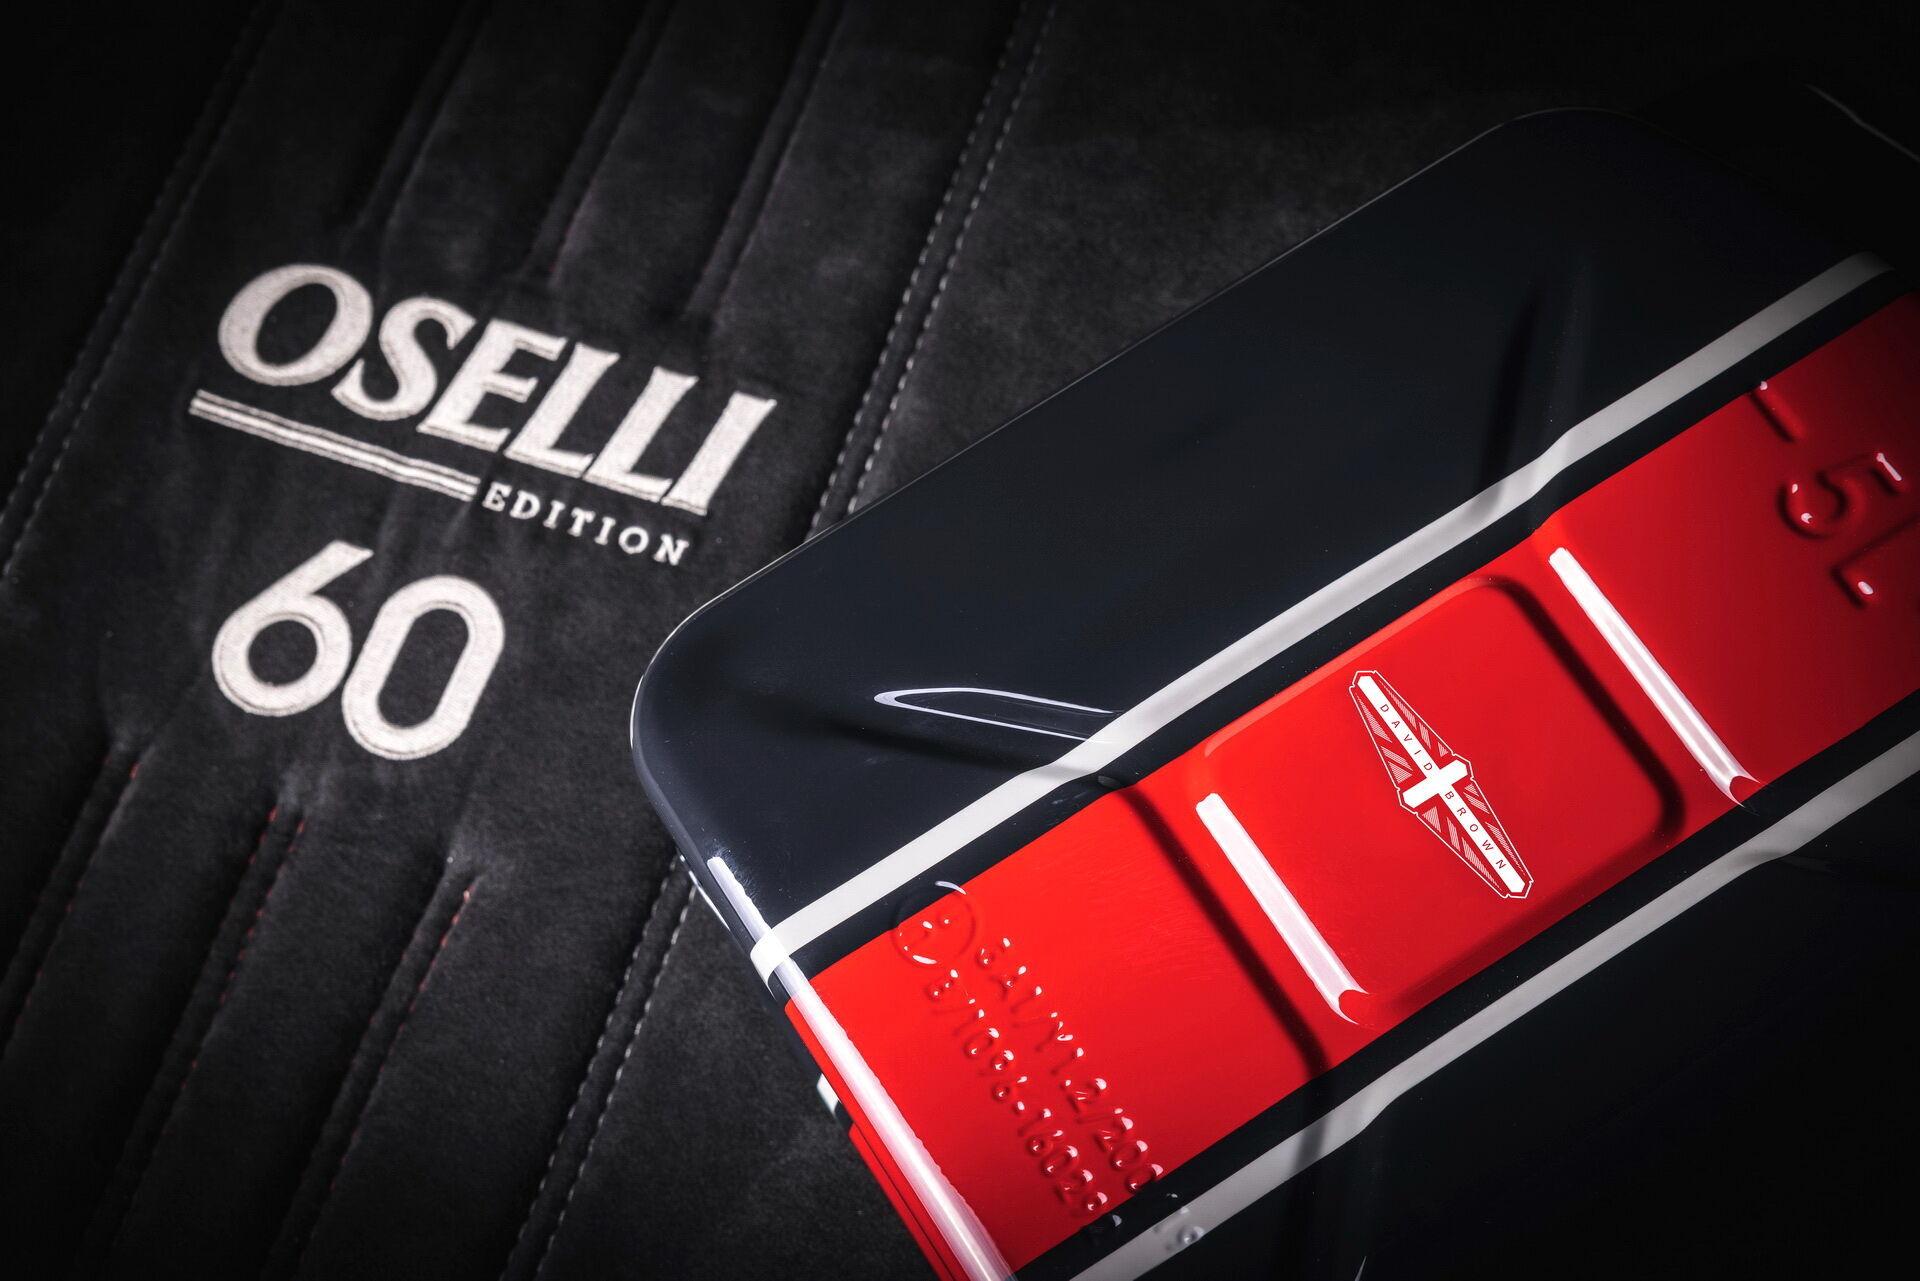 Всего DBA планирует изготовить ограниченную партию из 60 Mini Remastered Oselli Edition